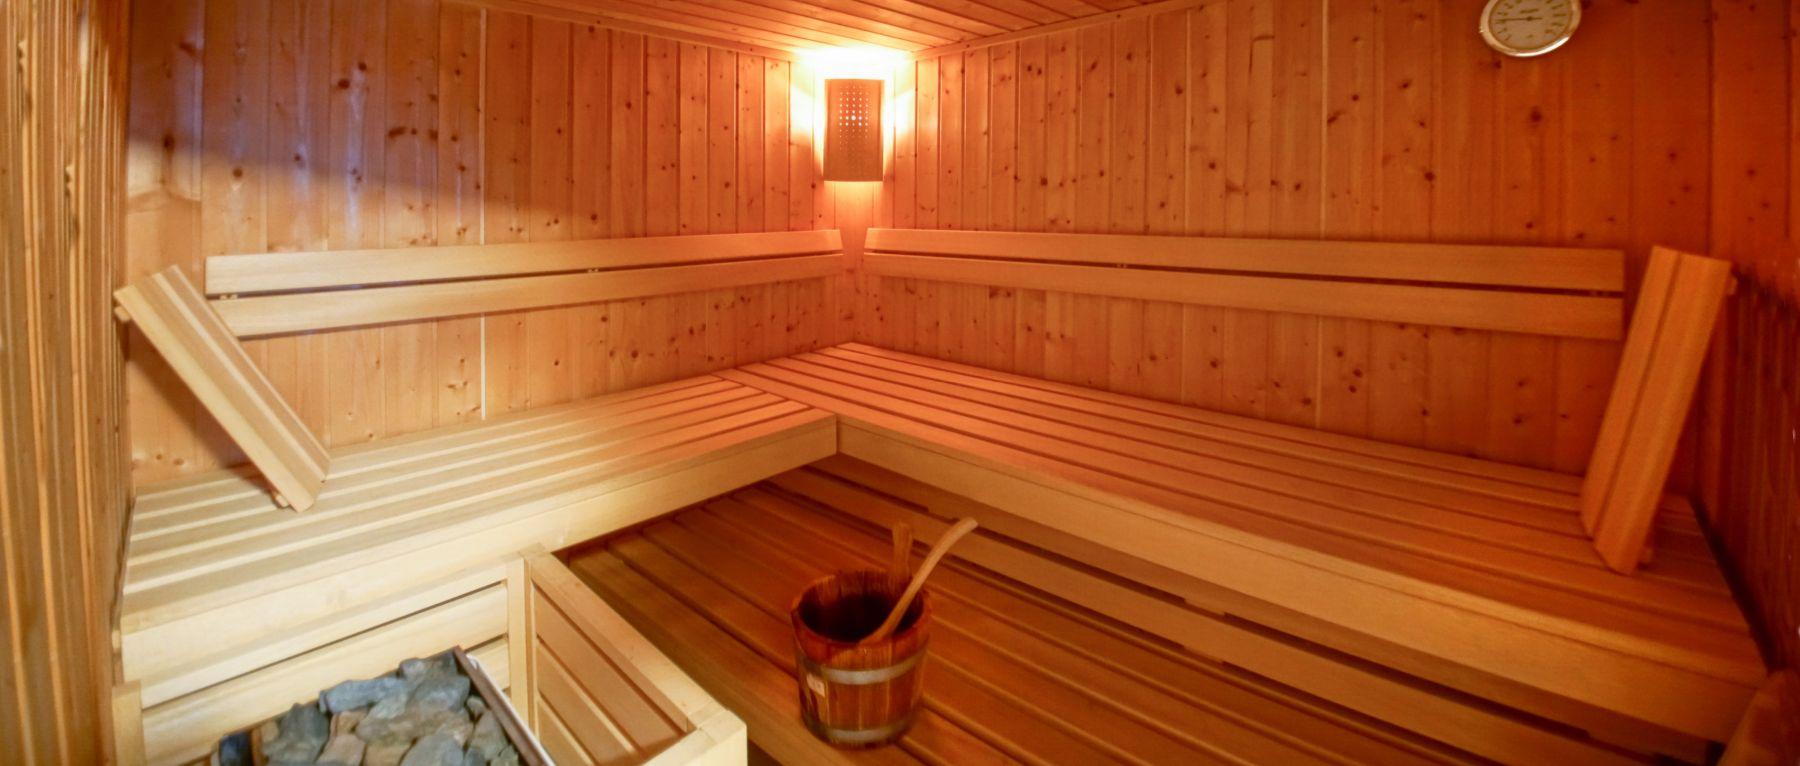 schauberger-wellnessbauernhof-niederbayern-sauna-panoramabild-1800